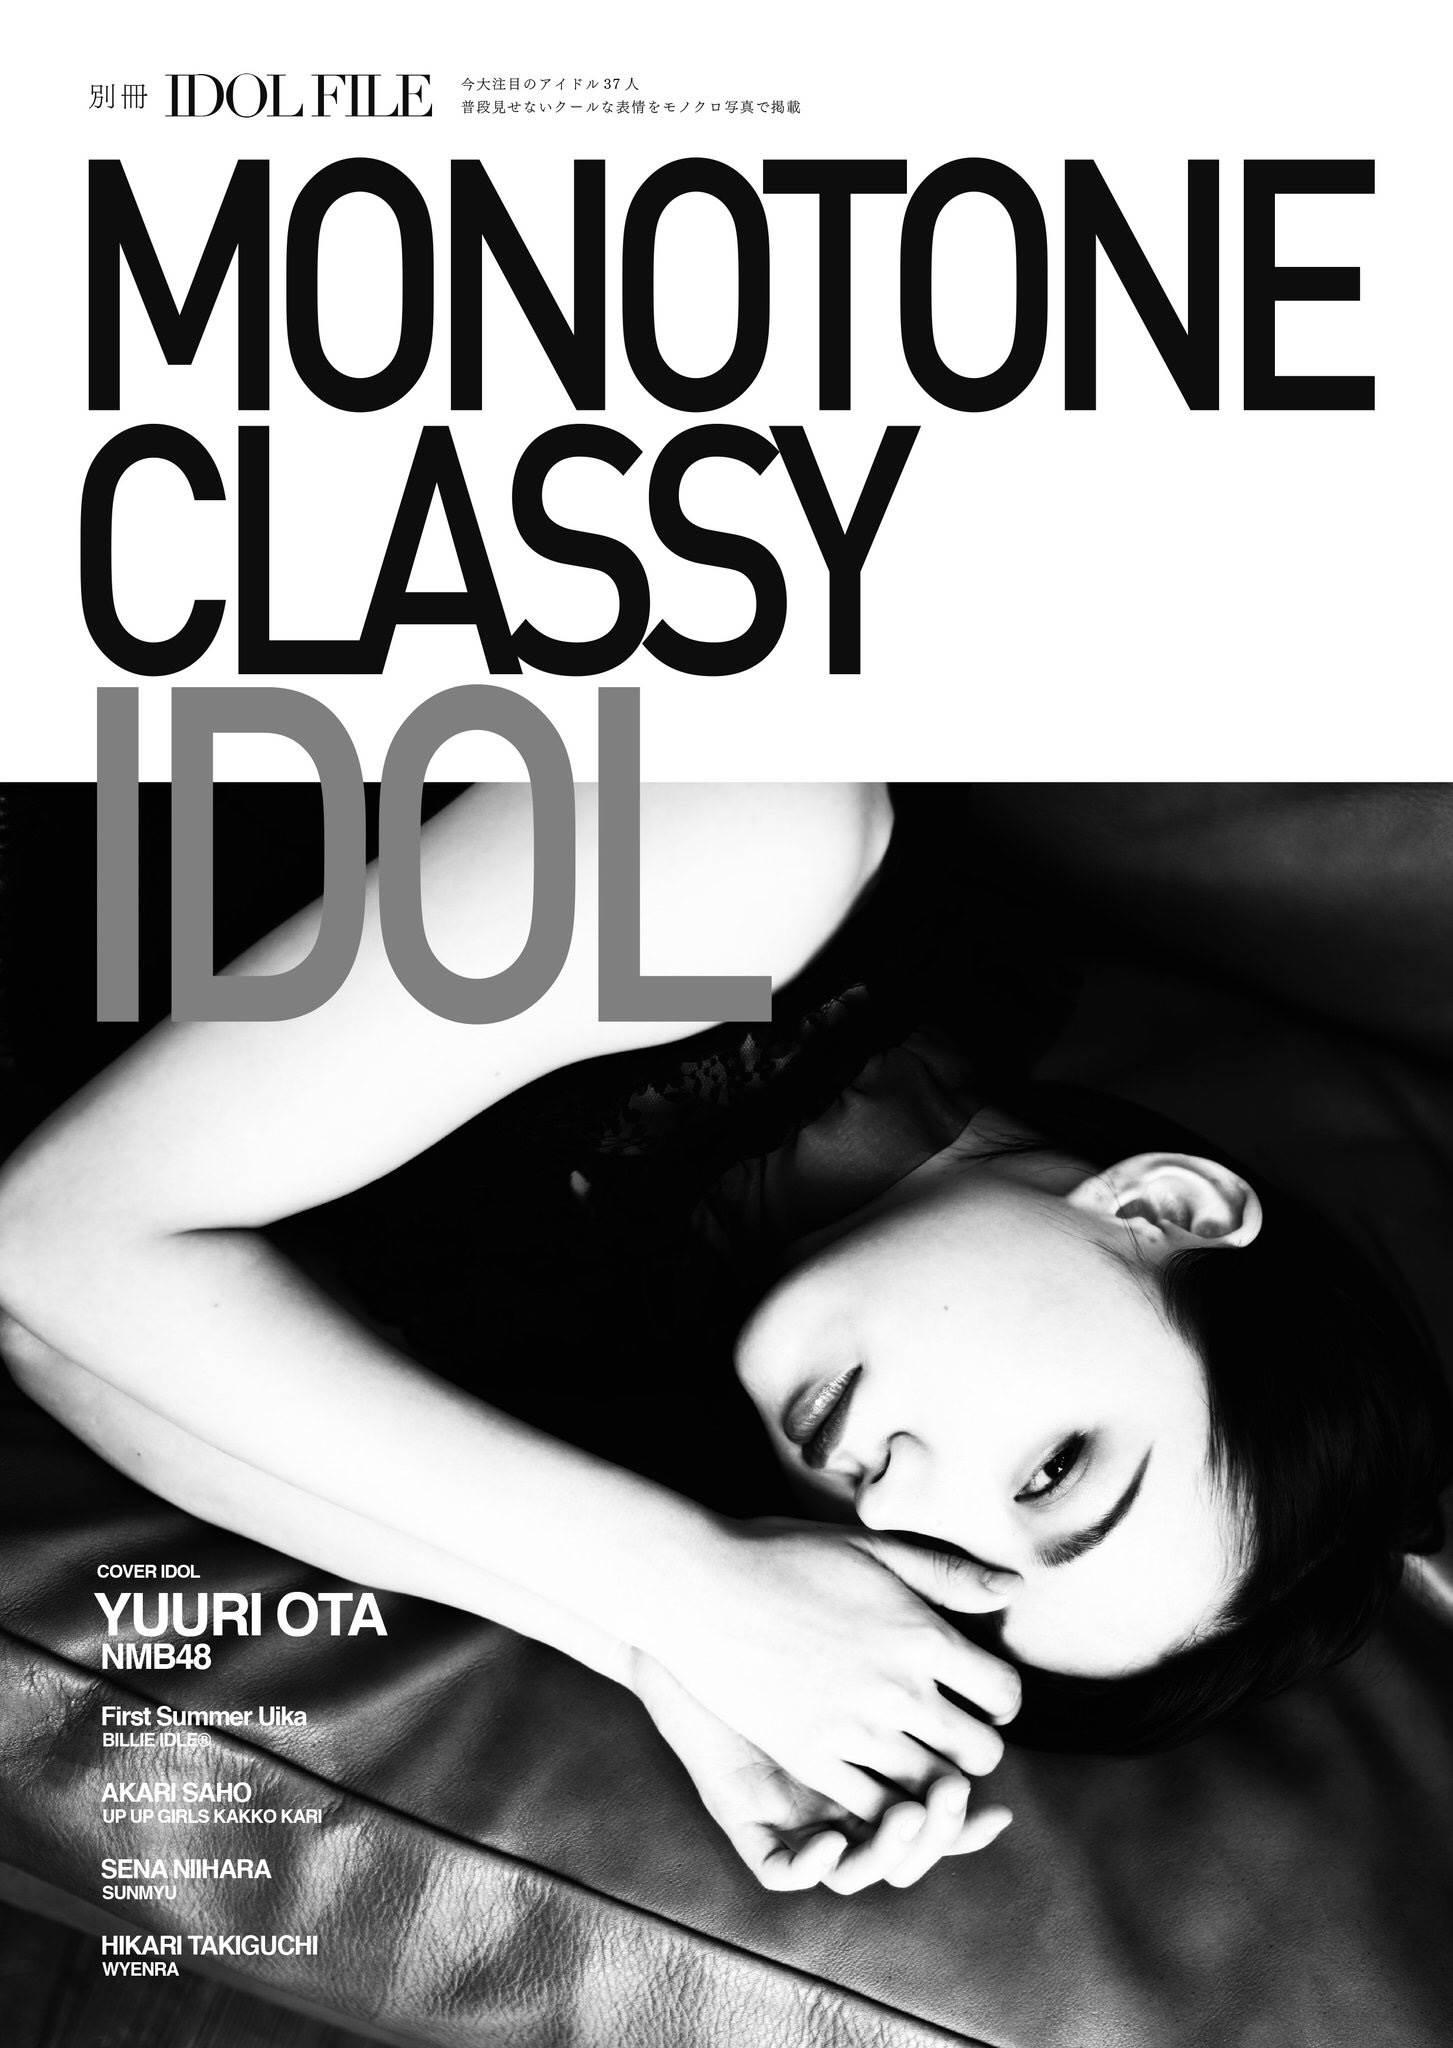 別冊 IDOL FILE MONOTONE IDOLにて、ビジュアル制作を担当させていただきました。